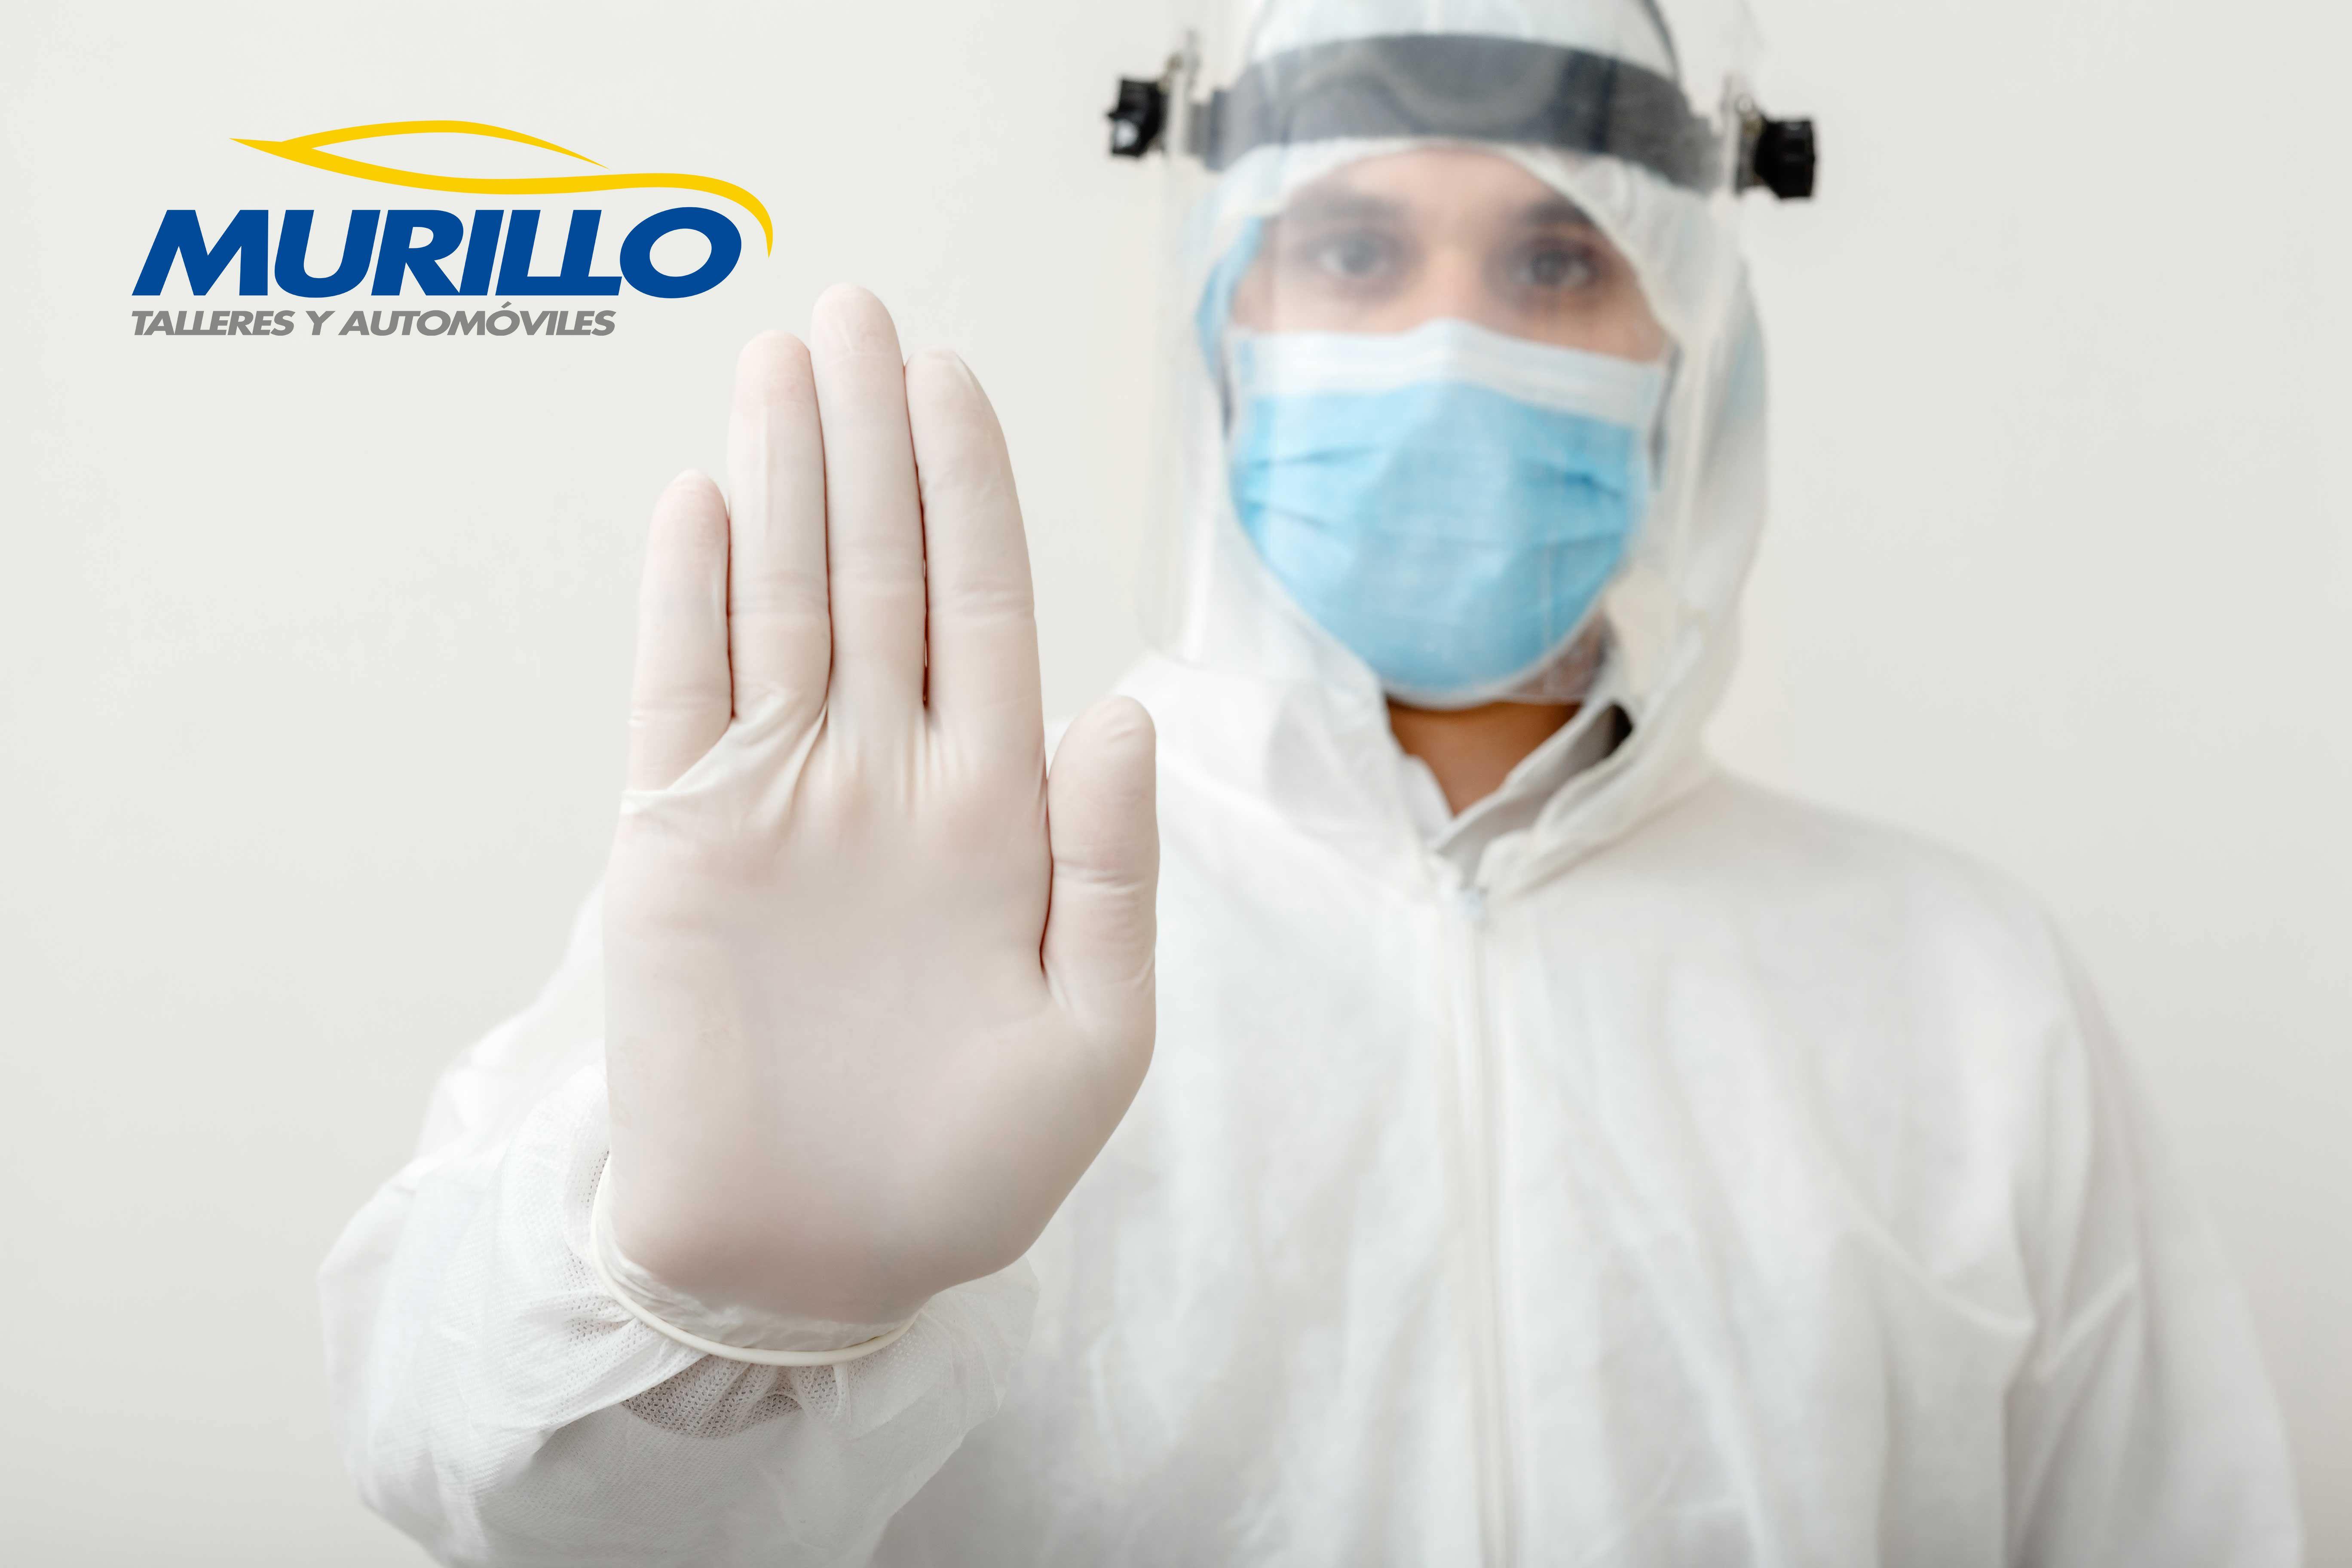 Talleres Murillo ha obtenido el sello StopCoronavirus que certifica el comercio seguro en Monzón